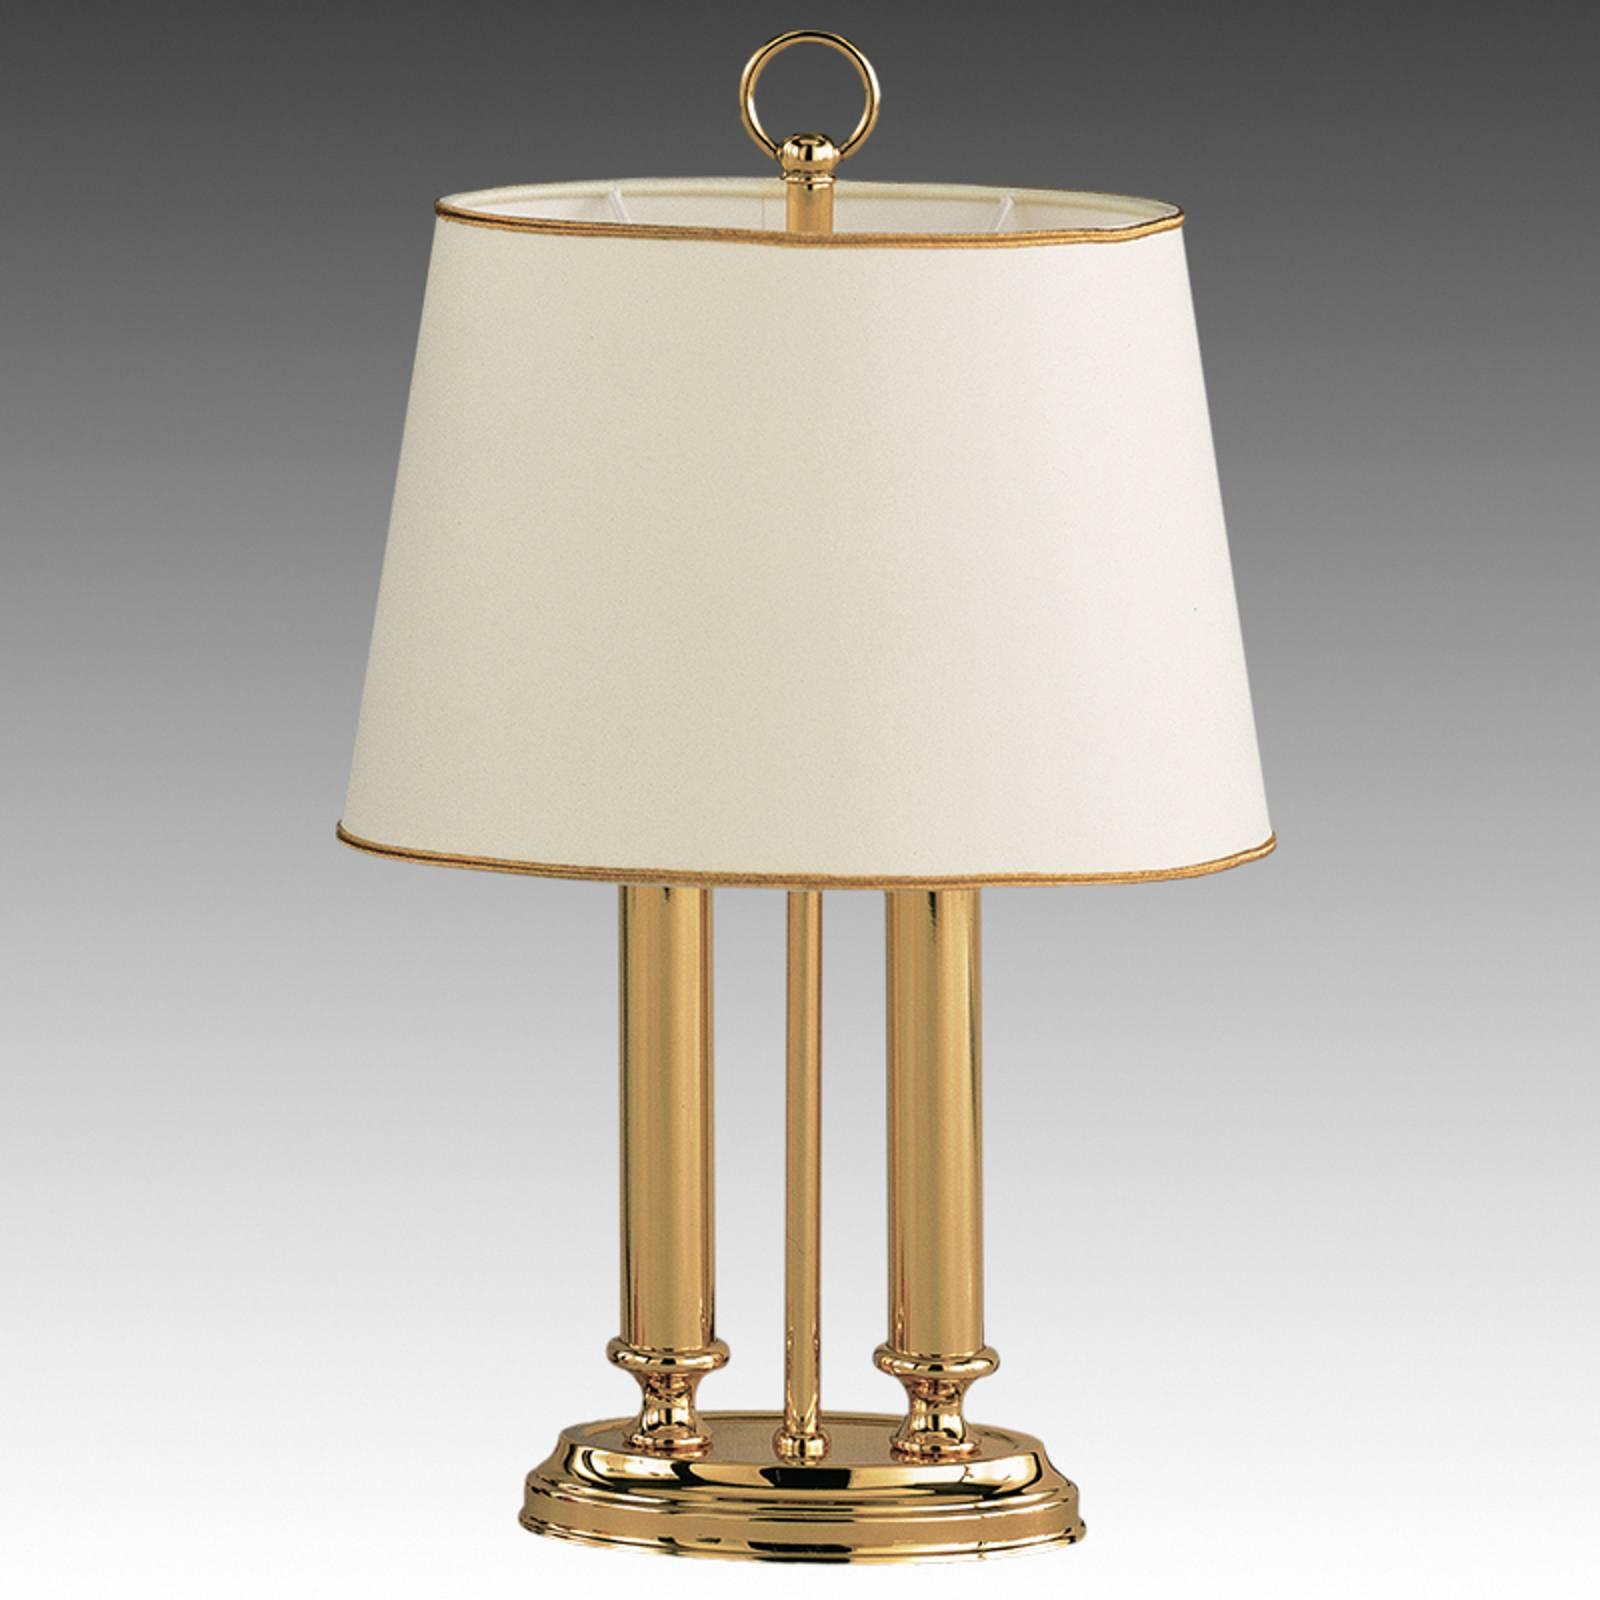 Lampen von gks knapstein g nstig online kaufen bei m bel for Exclusive lampen